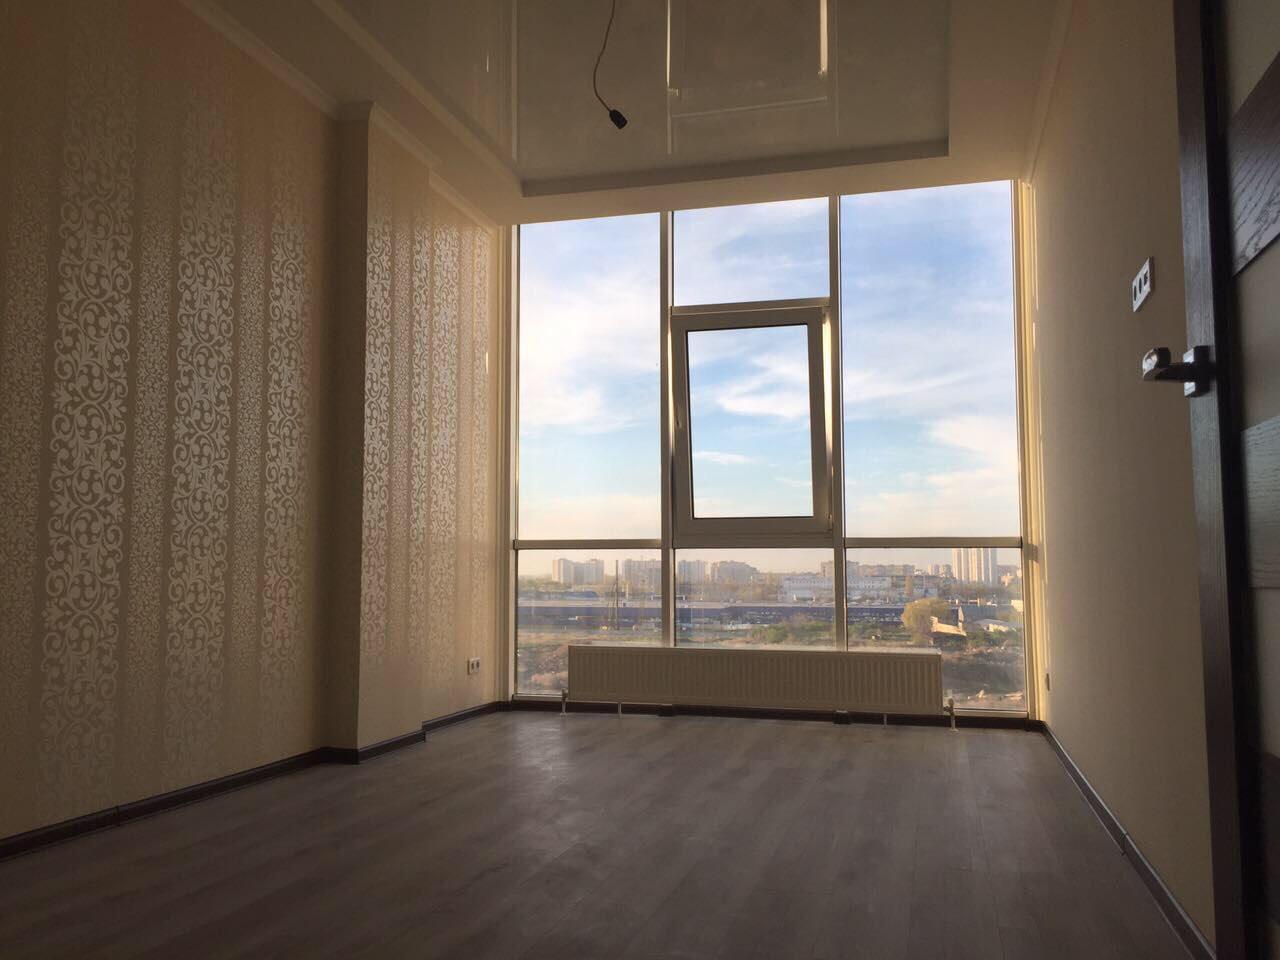 Продается 2-комнатная квартира на ул. Жемчужная — 69 000 у.е. (фото №3)